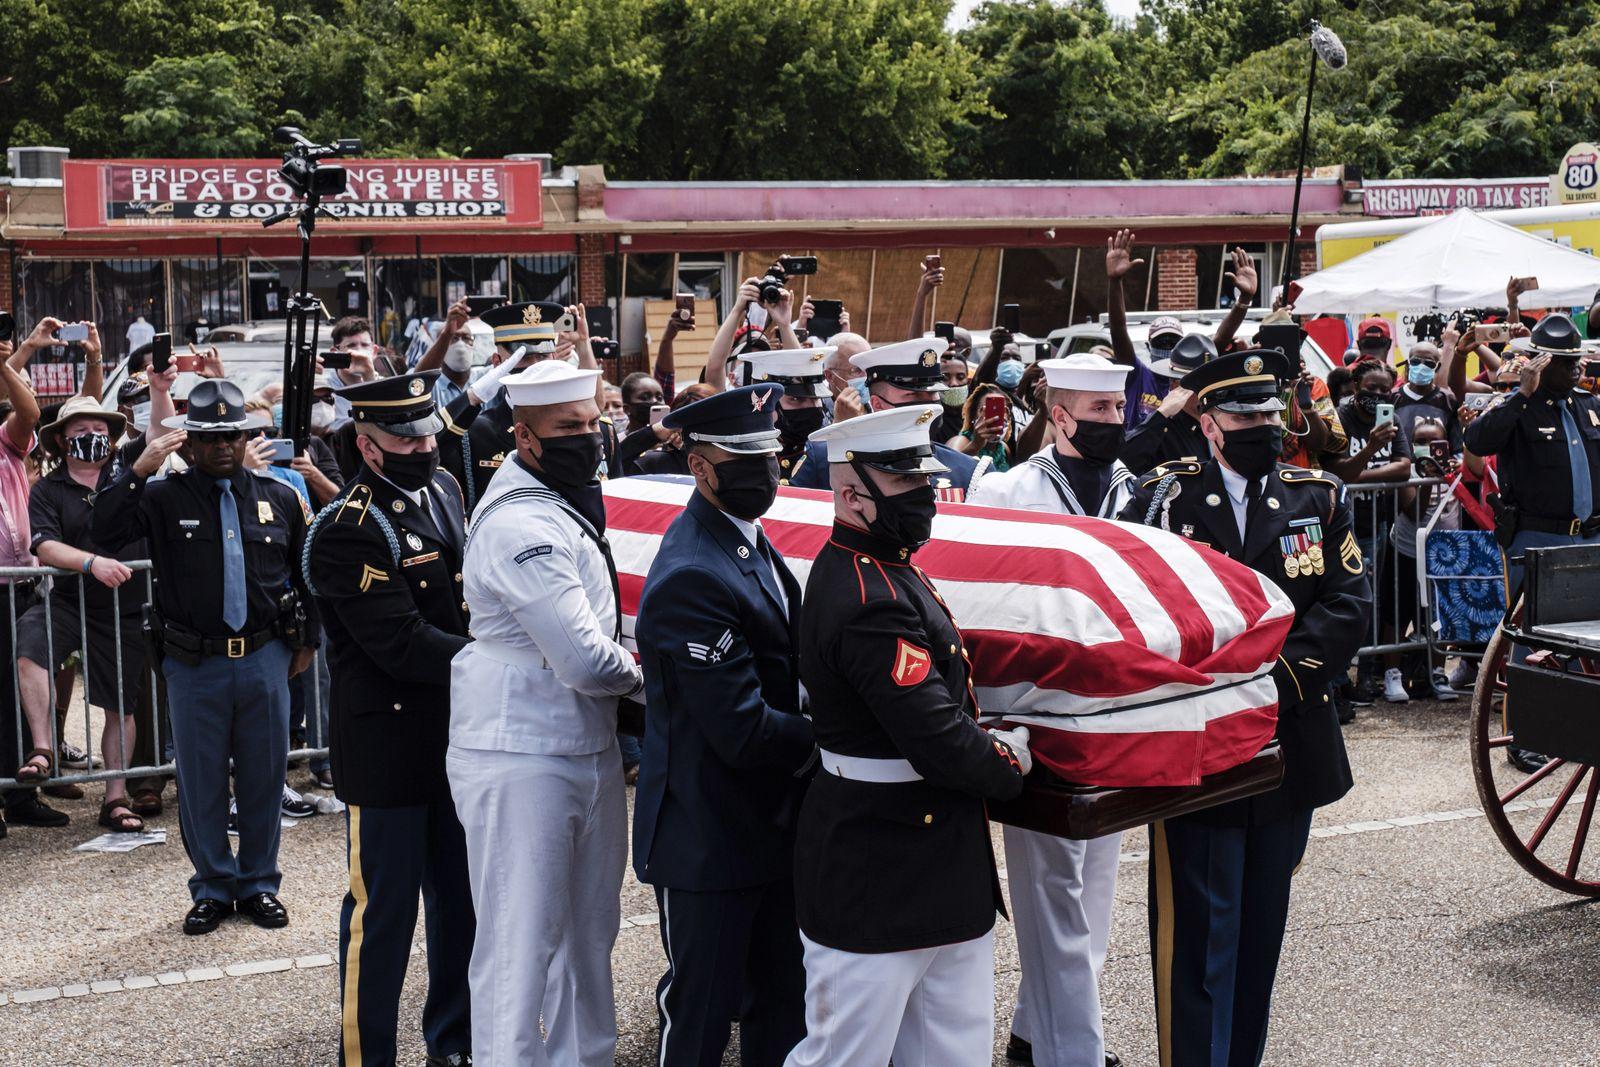 Civil Rights legend John Lewis Memorial, Selma, USA - 26 Jul 2020